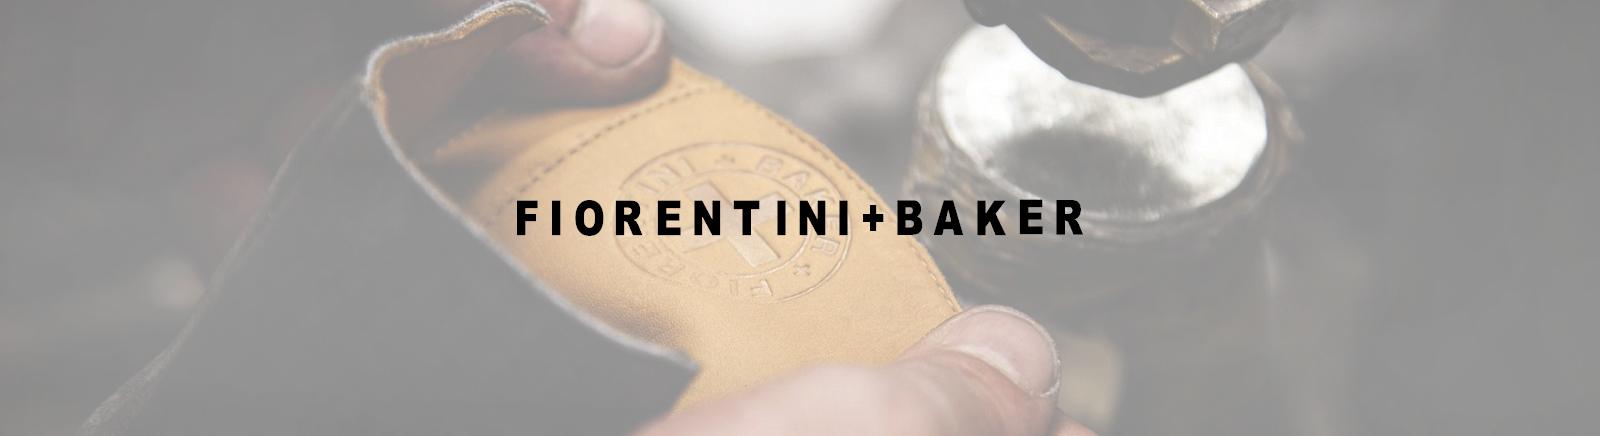 Fiorentini + Baker Schuhe für Herren kaufen im GISY Online Shop